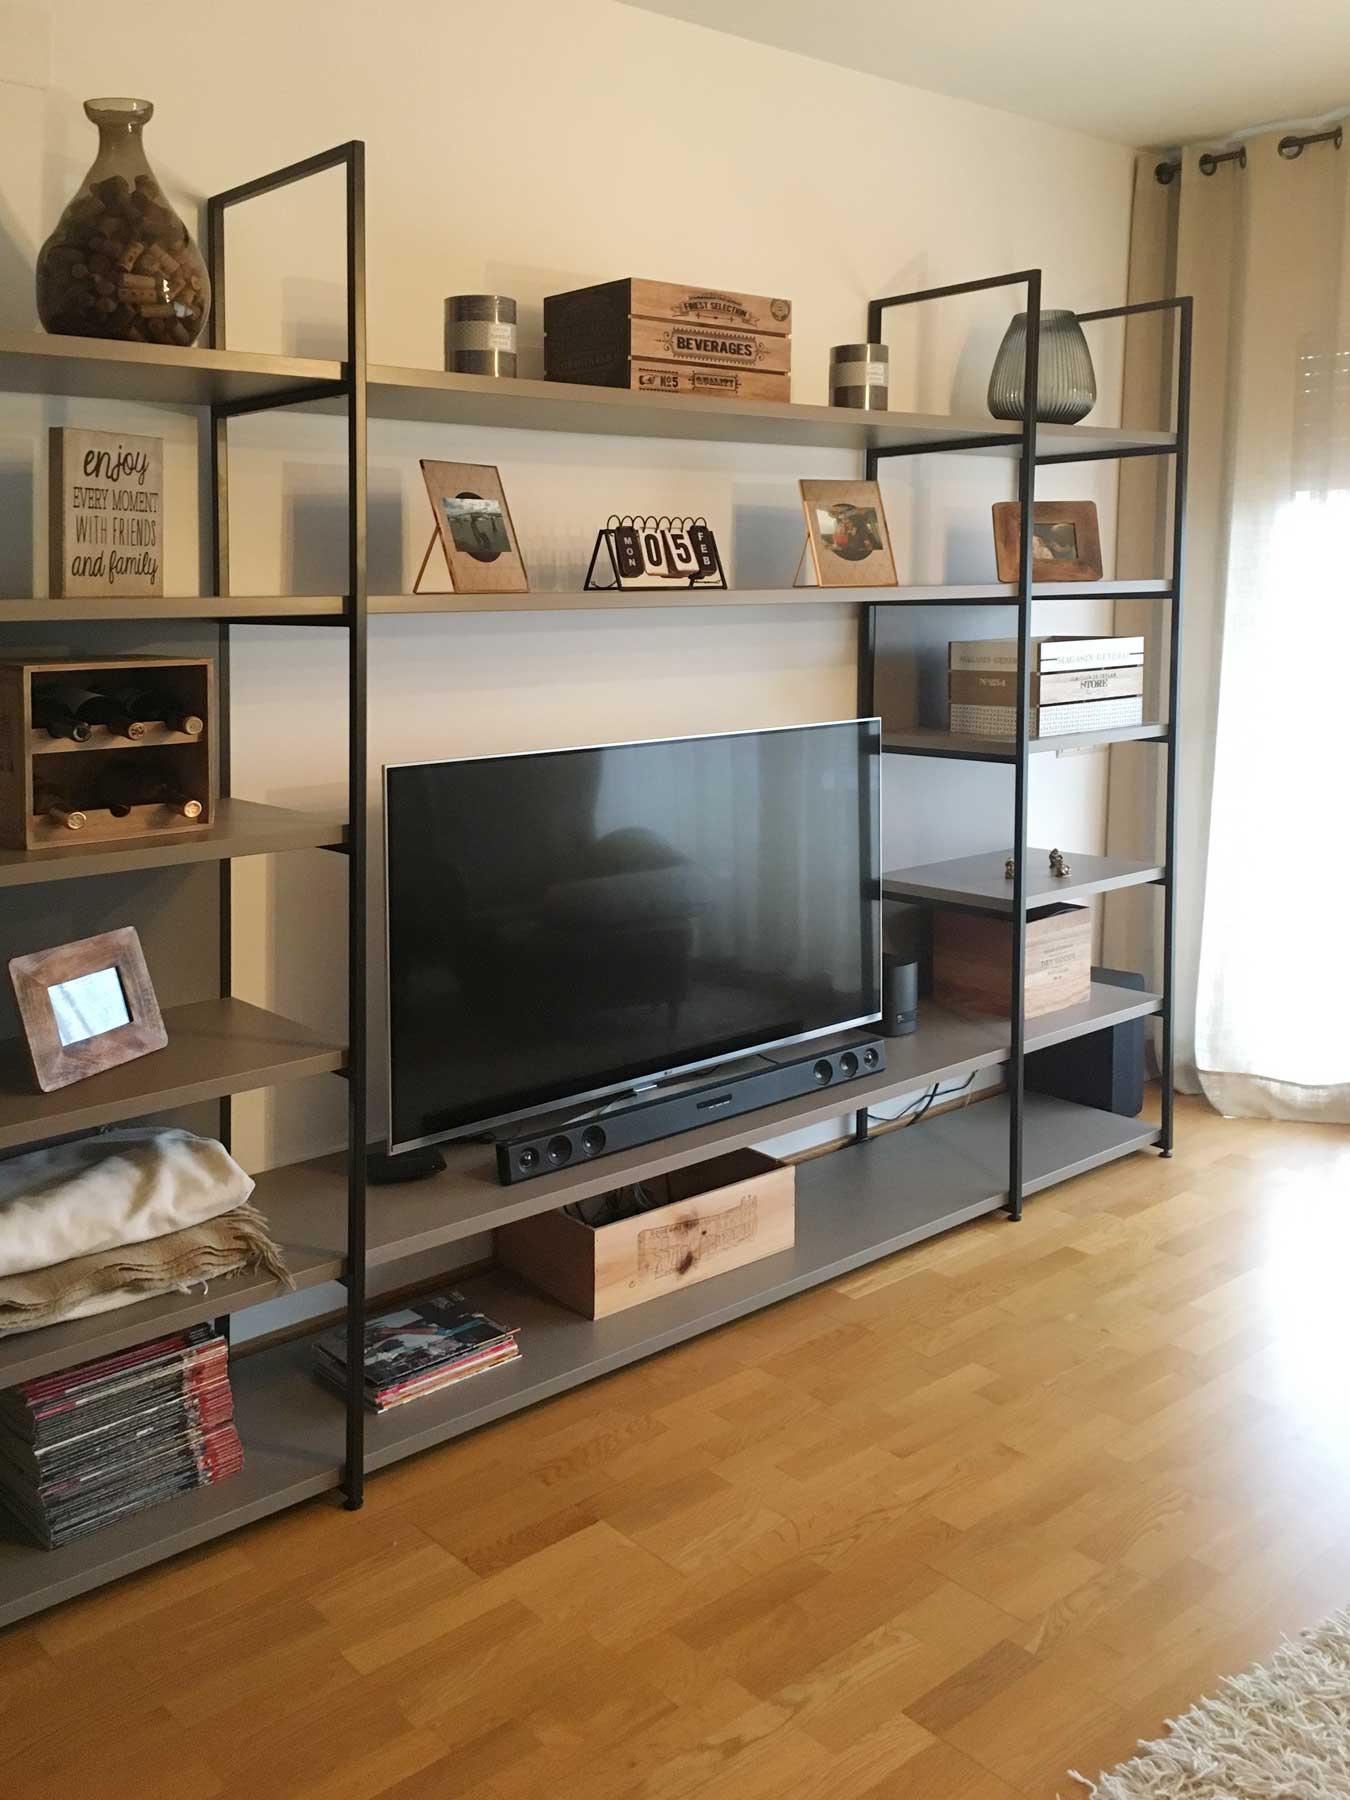 Hogares olut estanter a olut en casa de mali en sabadell - Estanterias metalicas para libros ...